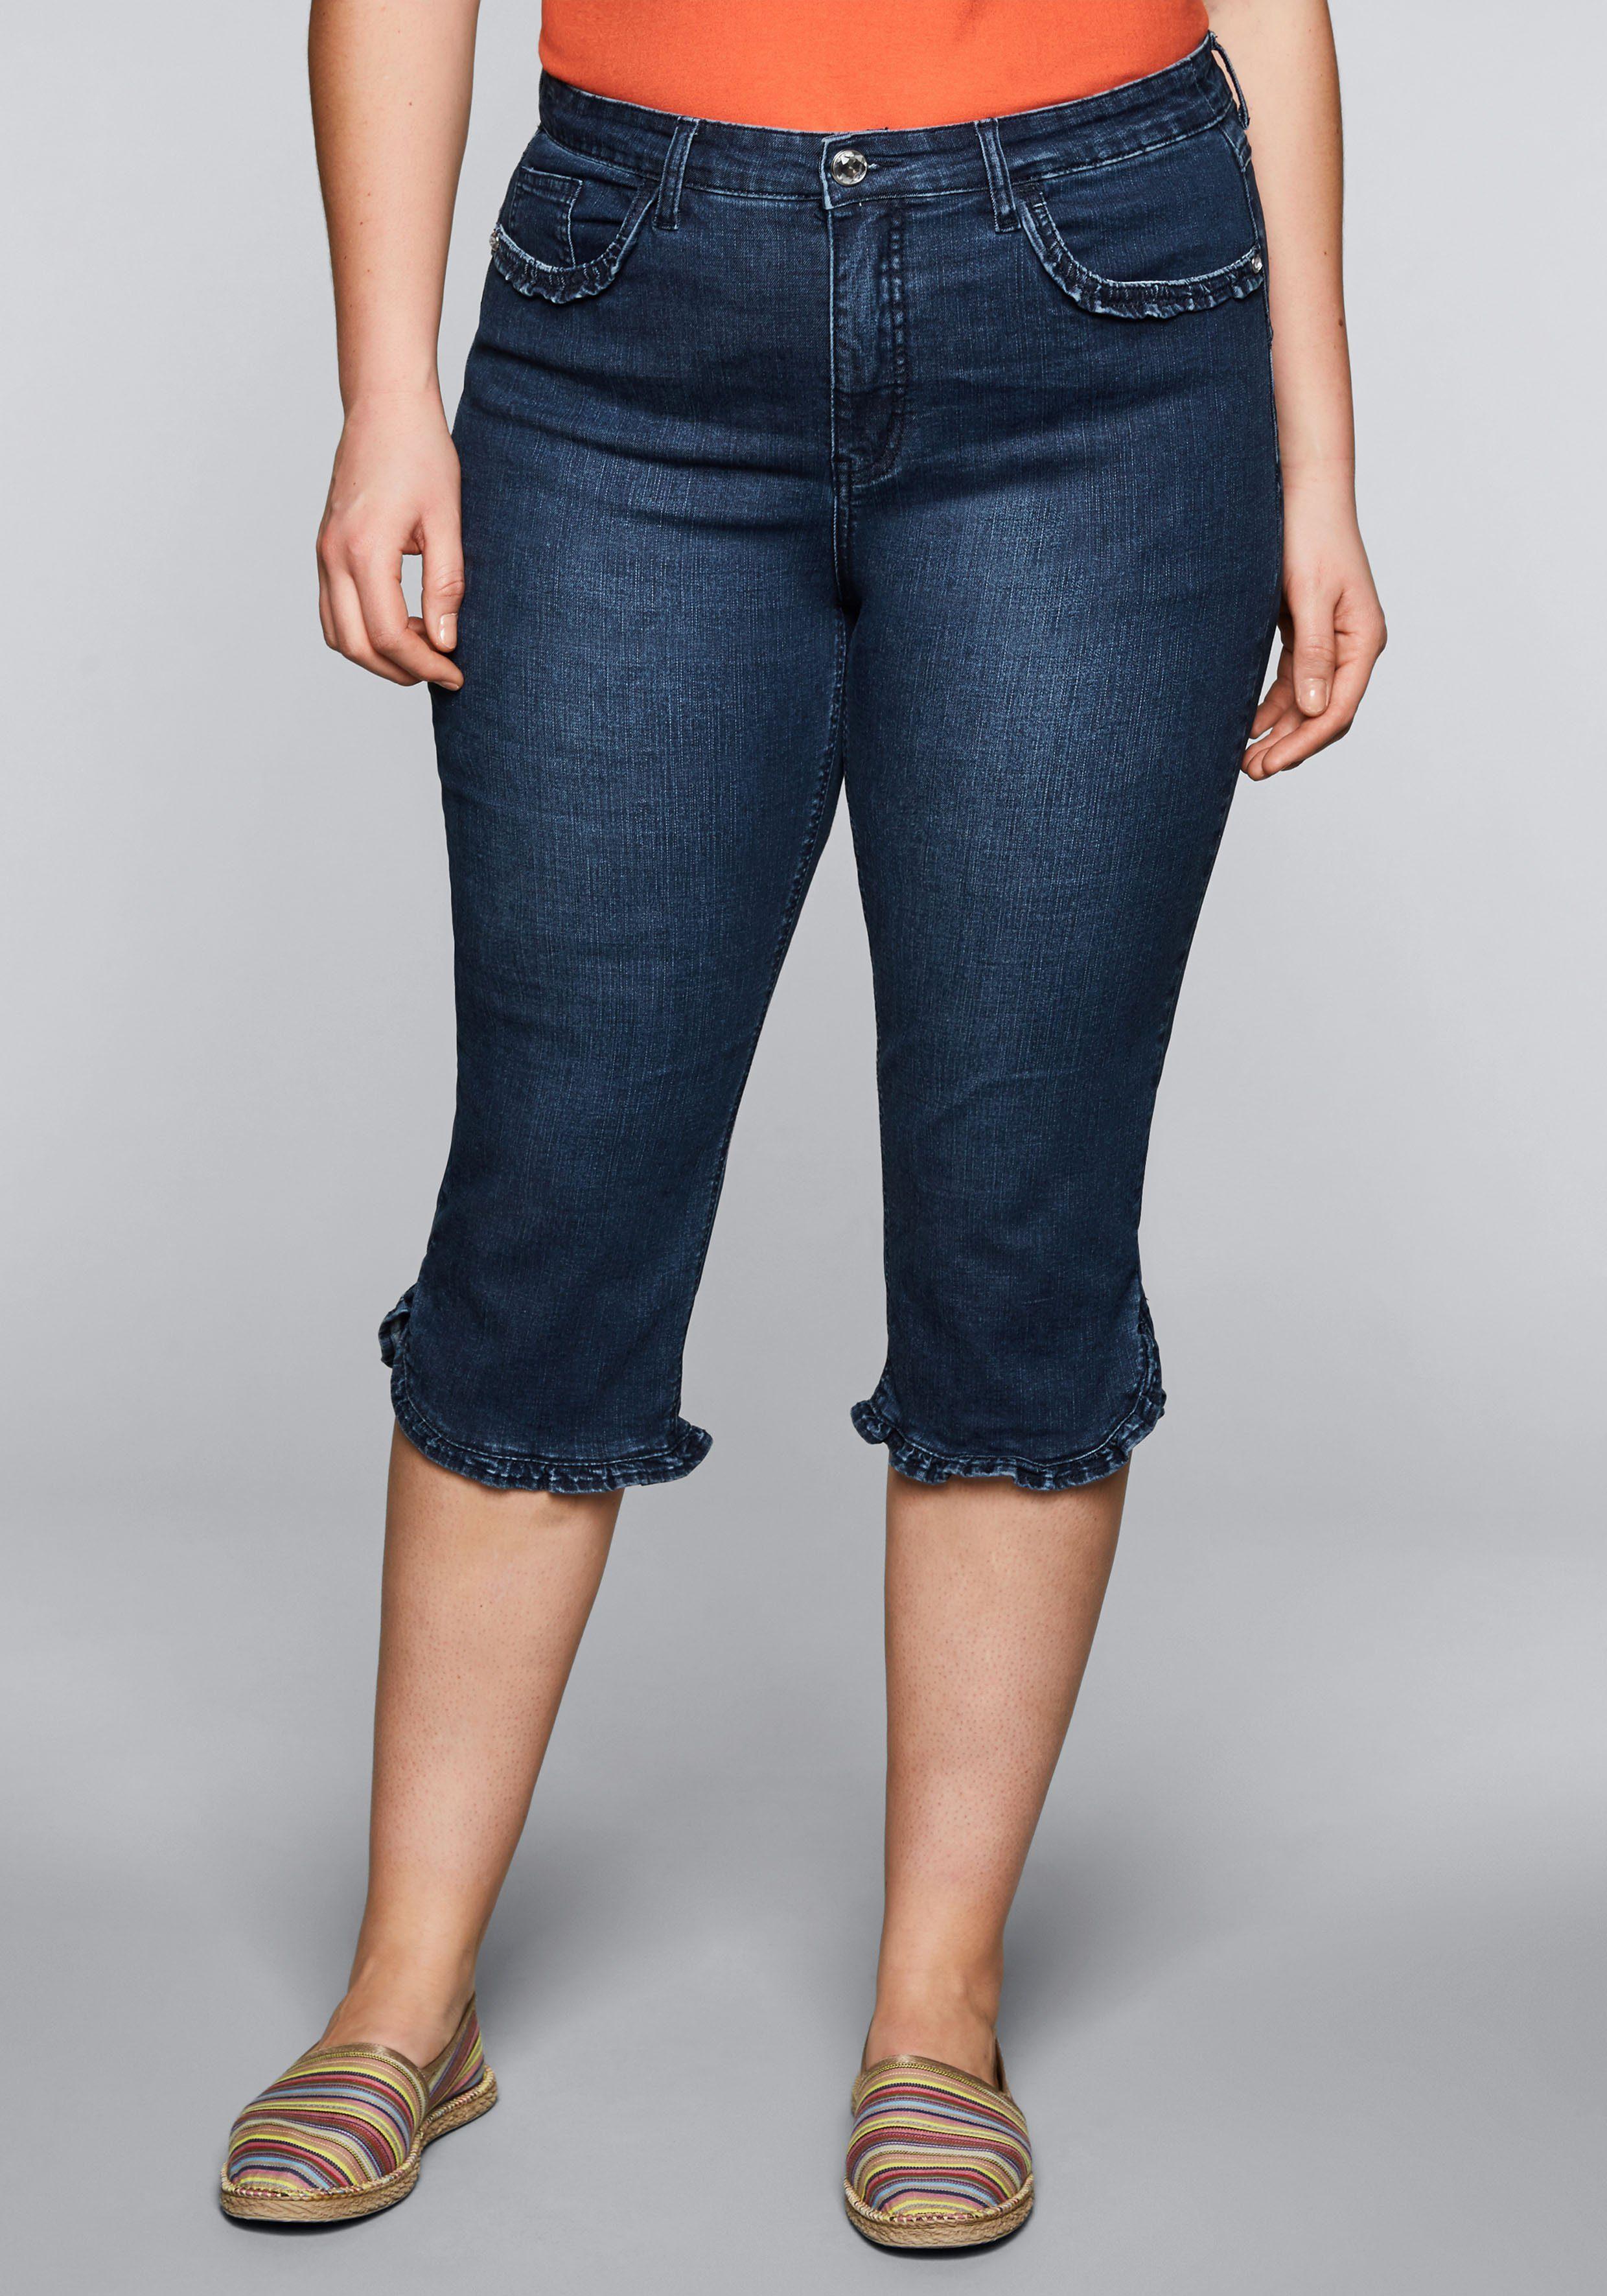 Sheego Caprijeans | Bekleidung > Jeans > Caprijeans | Sheego